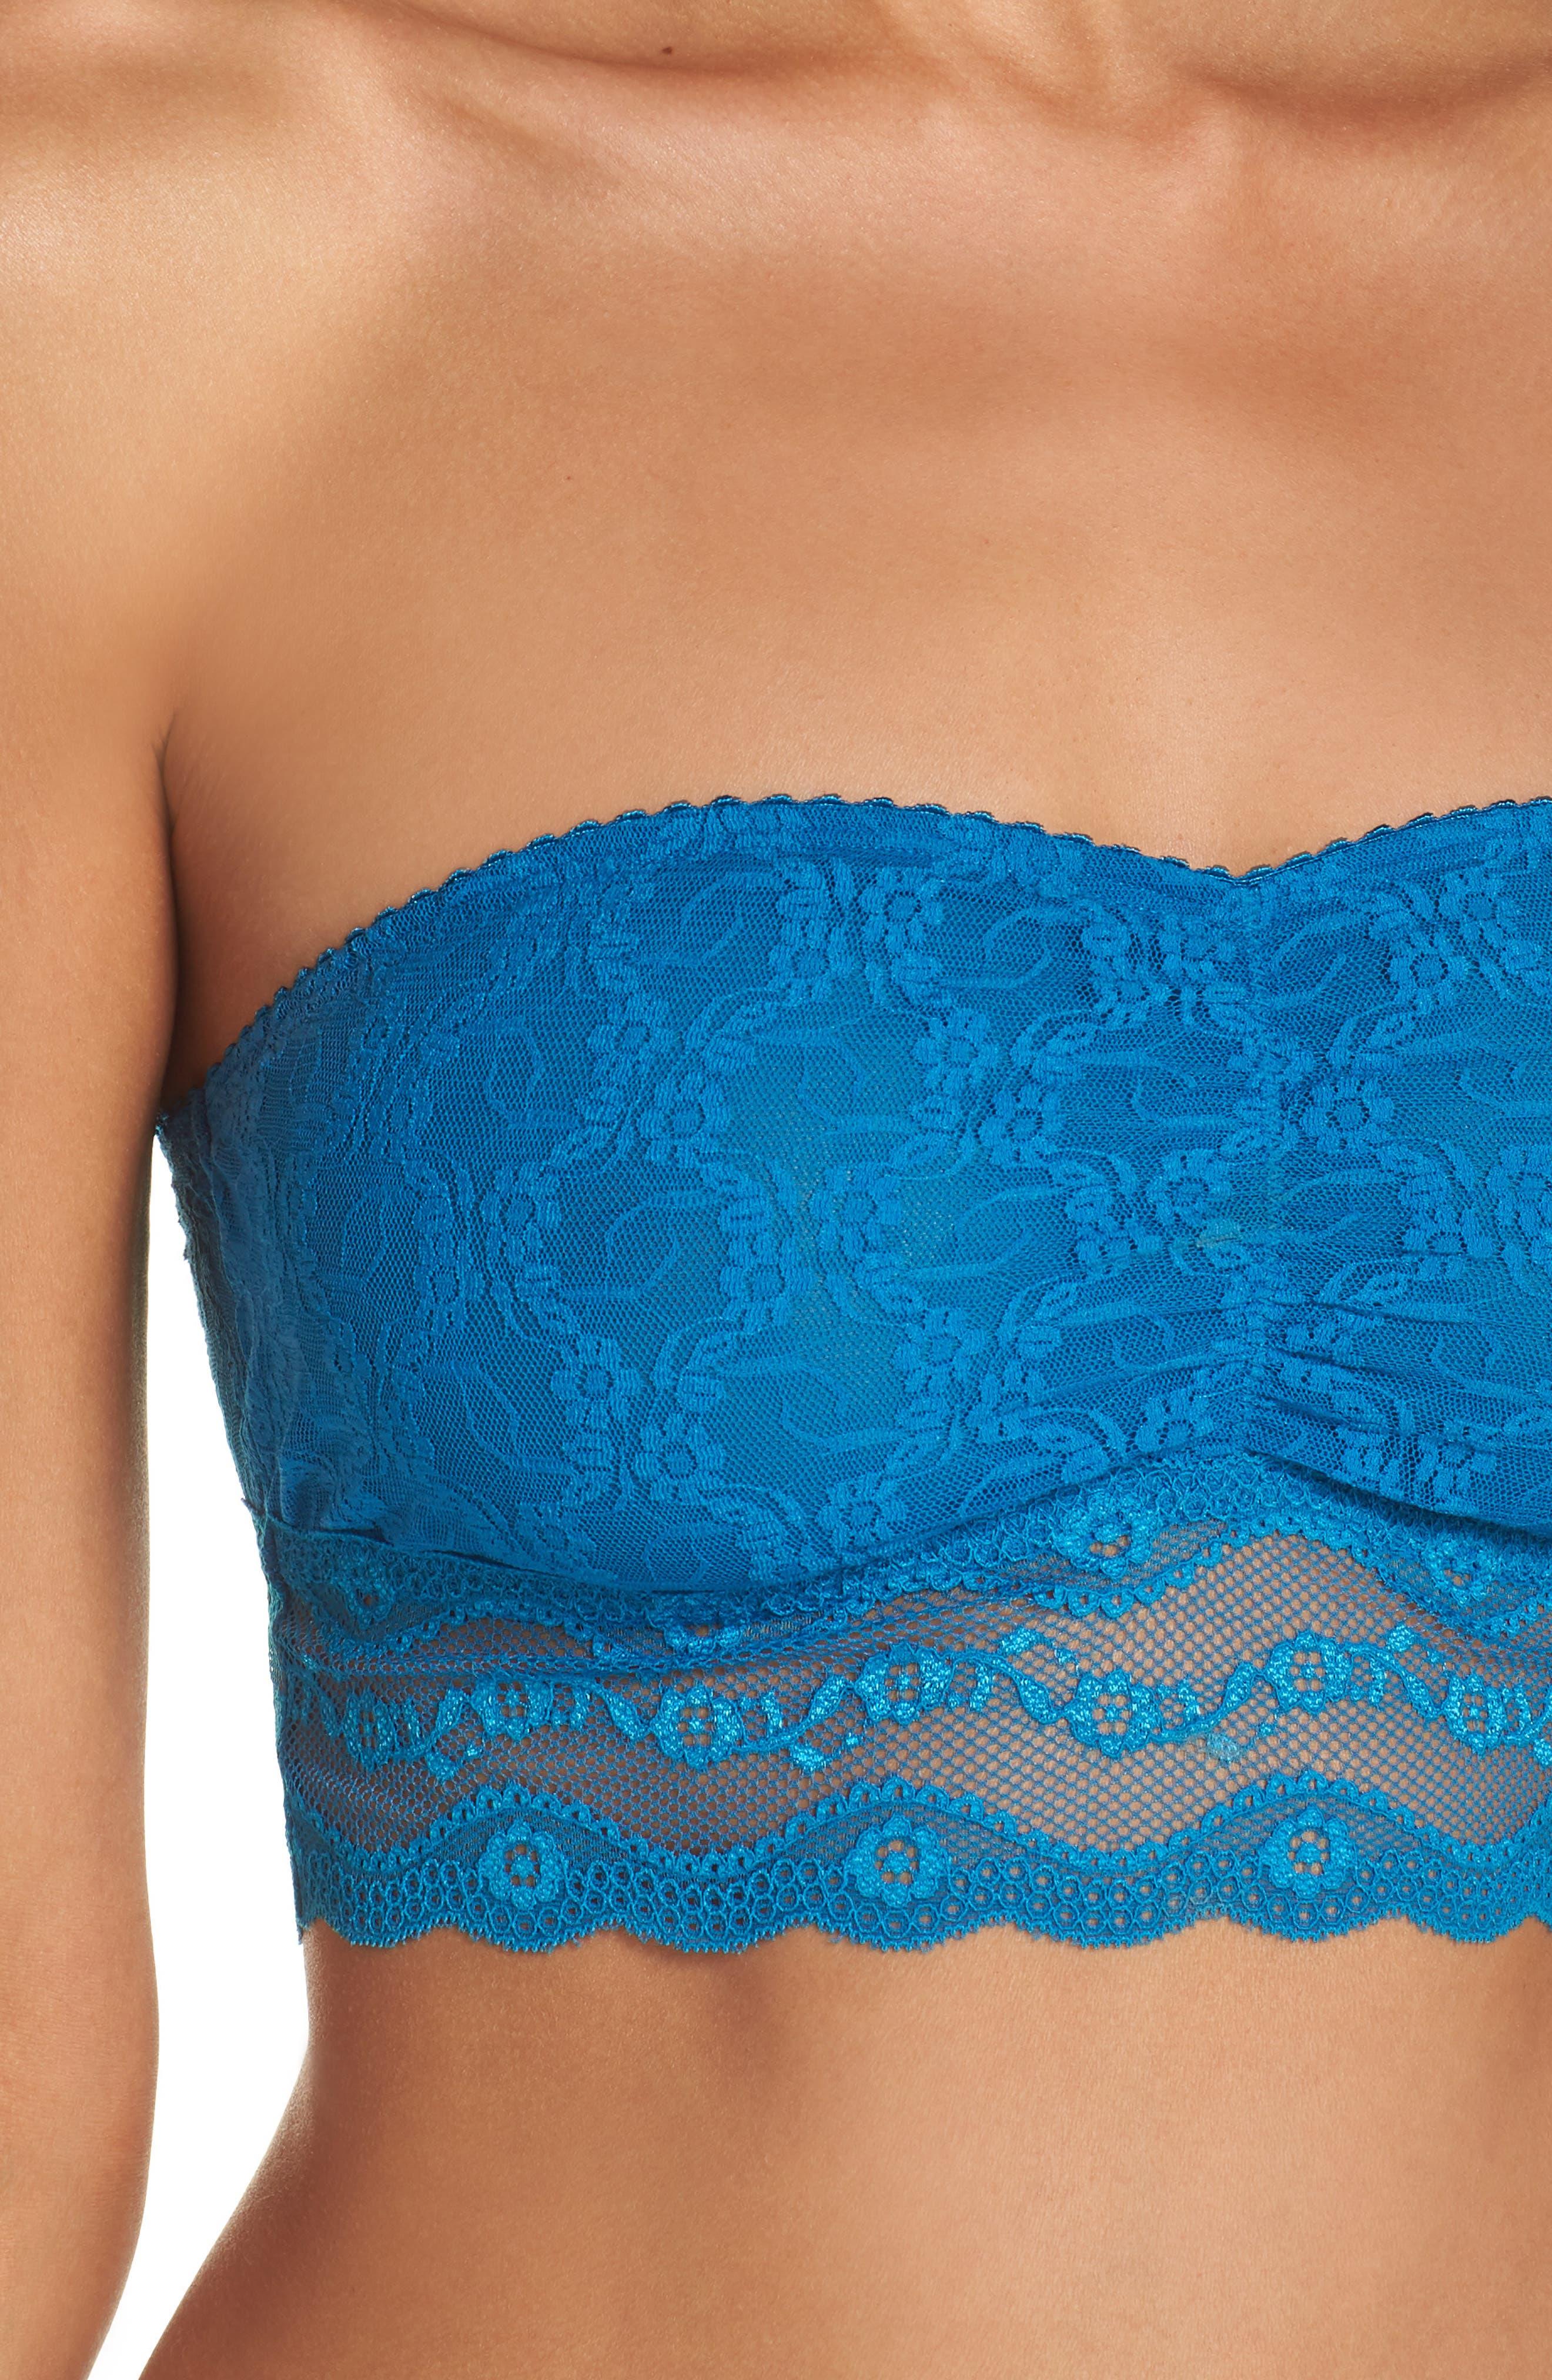 Lace Kiss Bandeau Bra,                             Alternate thumbnail 9, color,                             Mykonos Blue